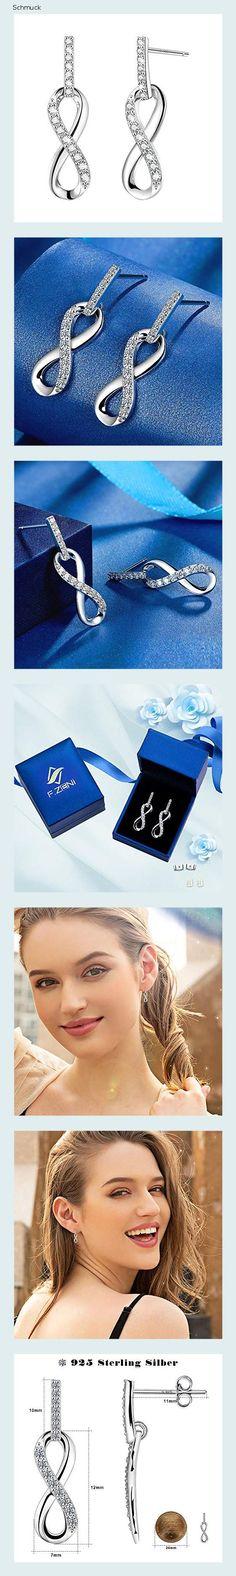 F.ZENI Unendlichkeit Ohrringe Damen 925 Sterling Silber Ohrhänger Für immer Liebe Akzent Modeschmuck für Frauen Mädchen mit Schmuck Geschenk - 14hc